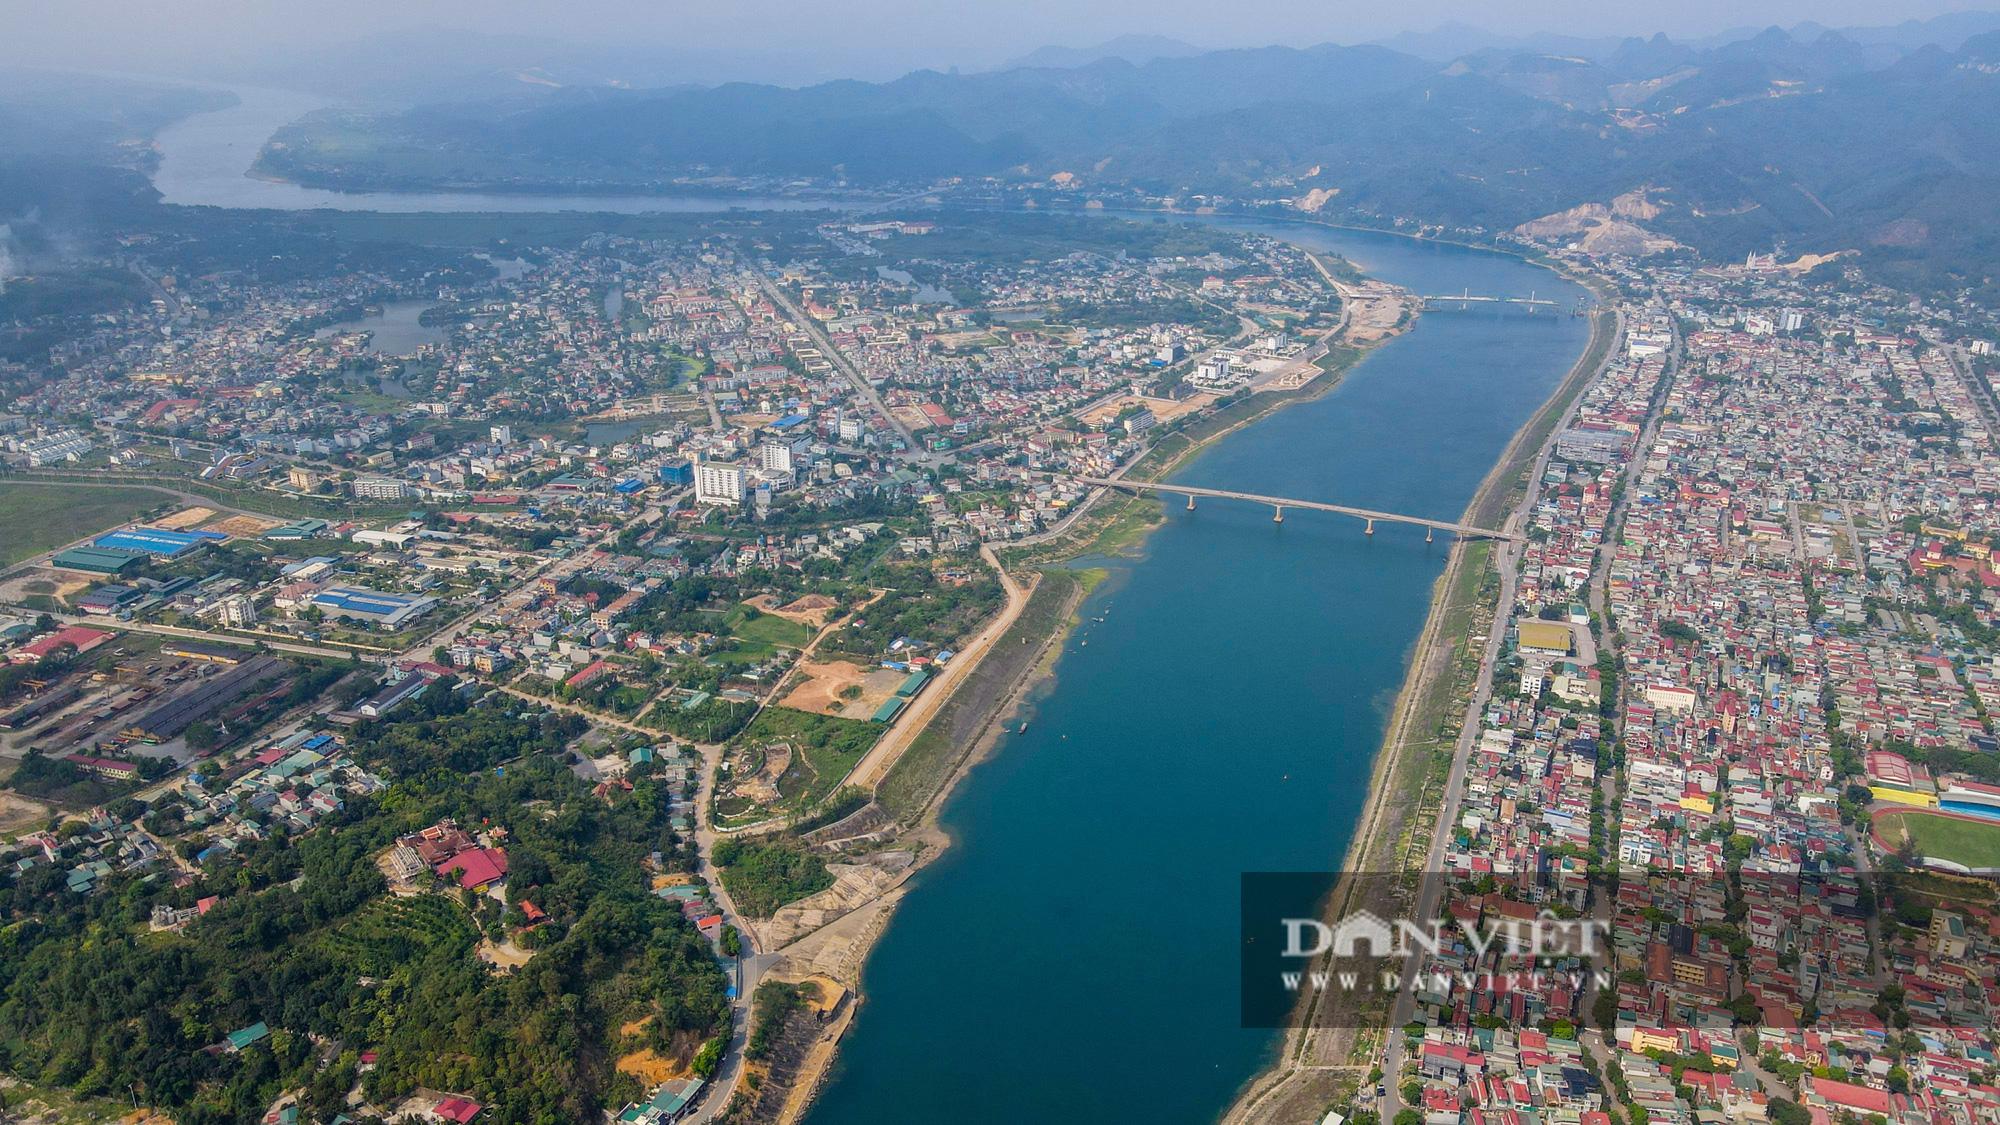 Hòa Bình: Dự án cầu 600 tỷ 2 nối 2 bờ sông Đà sắp về đích, dự kiến thông xe đầu tháng 10 - Ảnh 1.